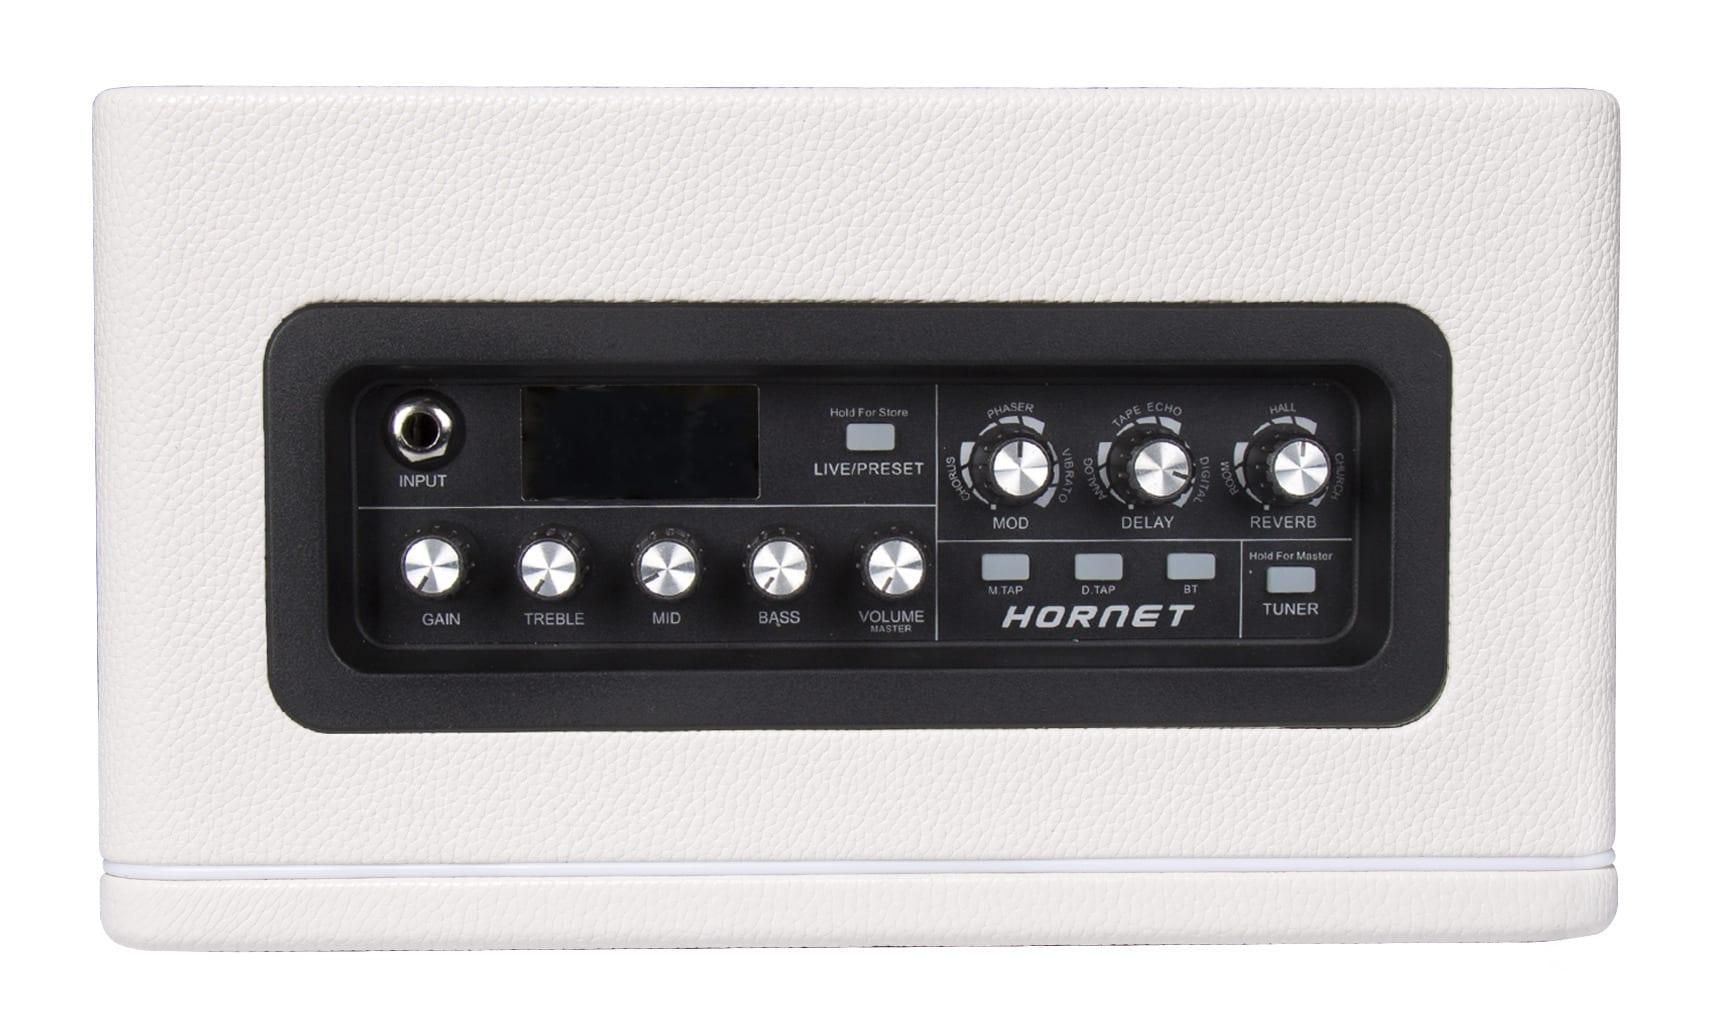 Mooer Hornet 30 Watt top panel